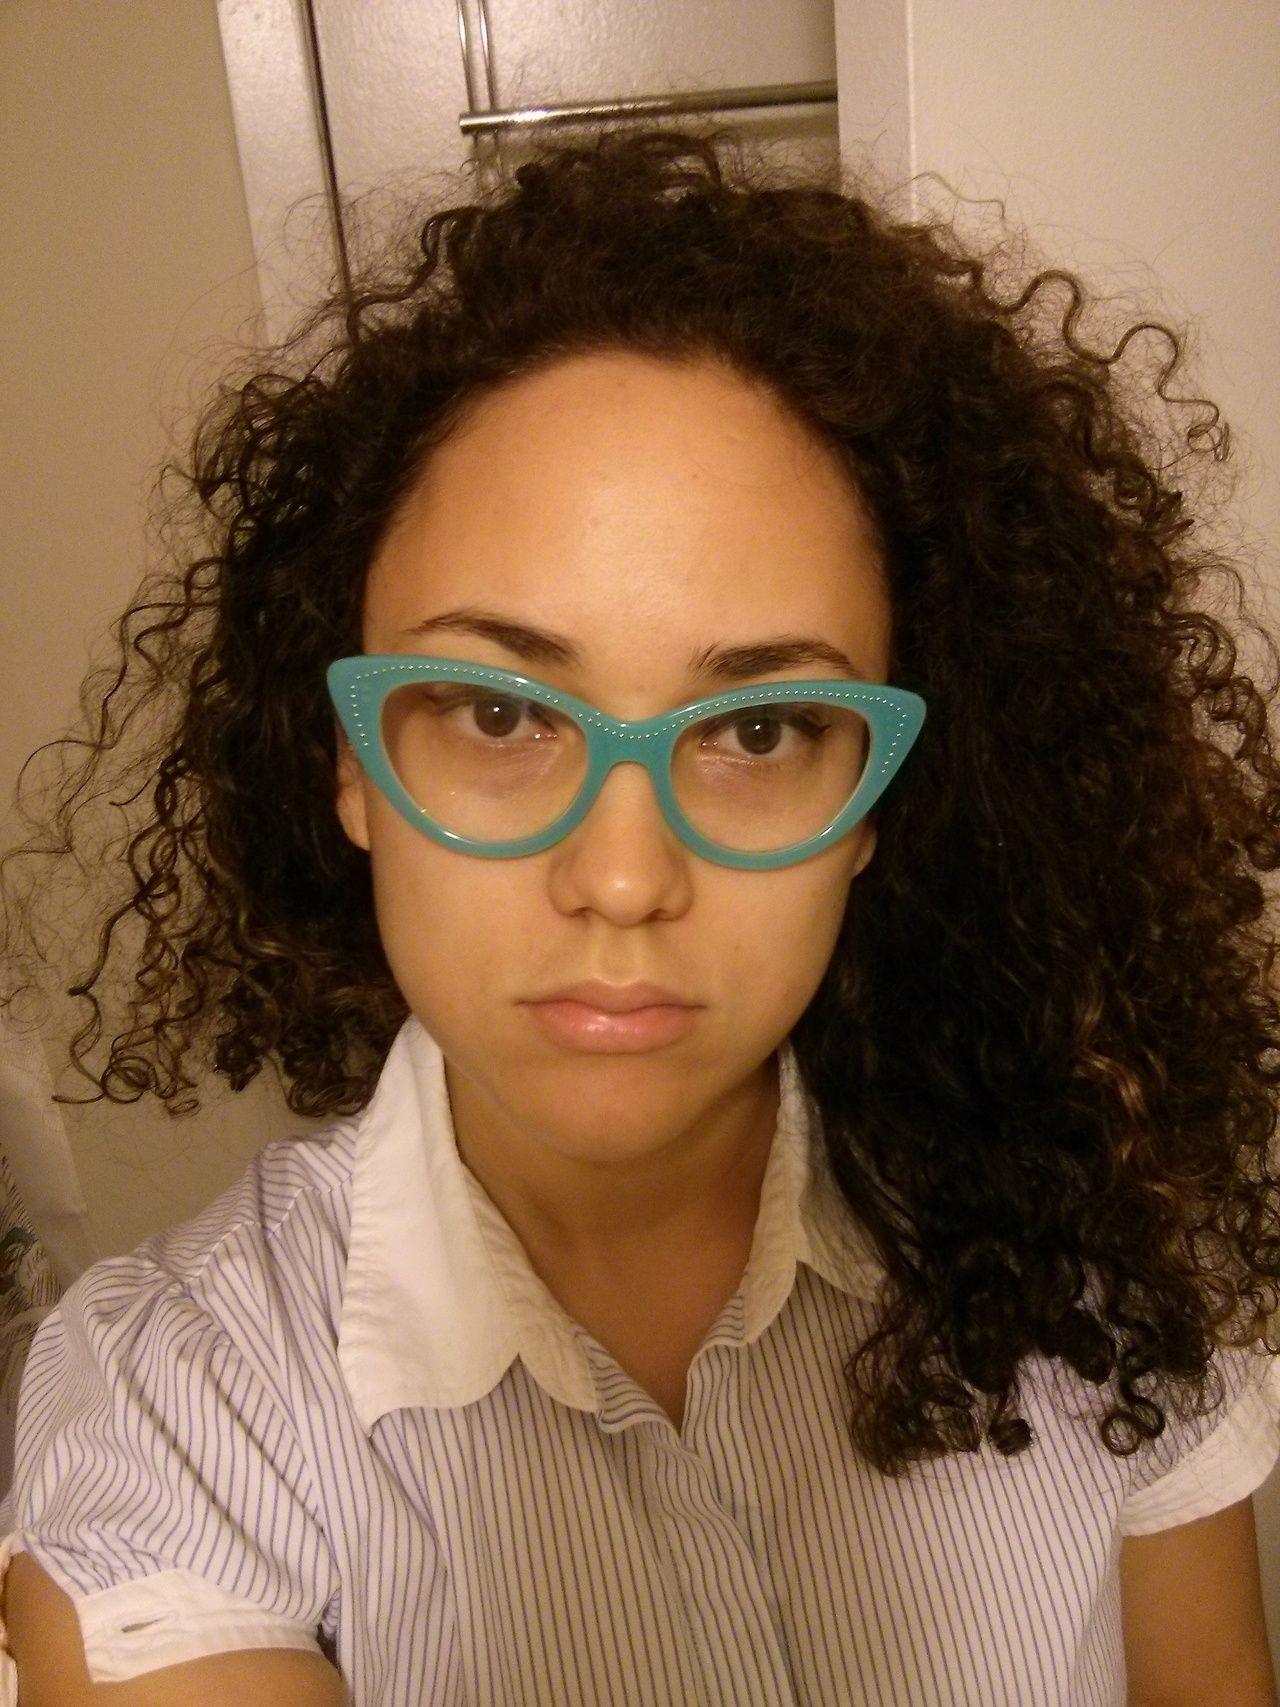 zenni optical | Tumblr | Glasses | Pinterest